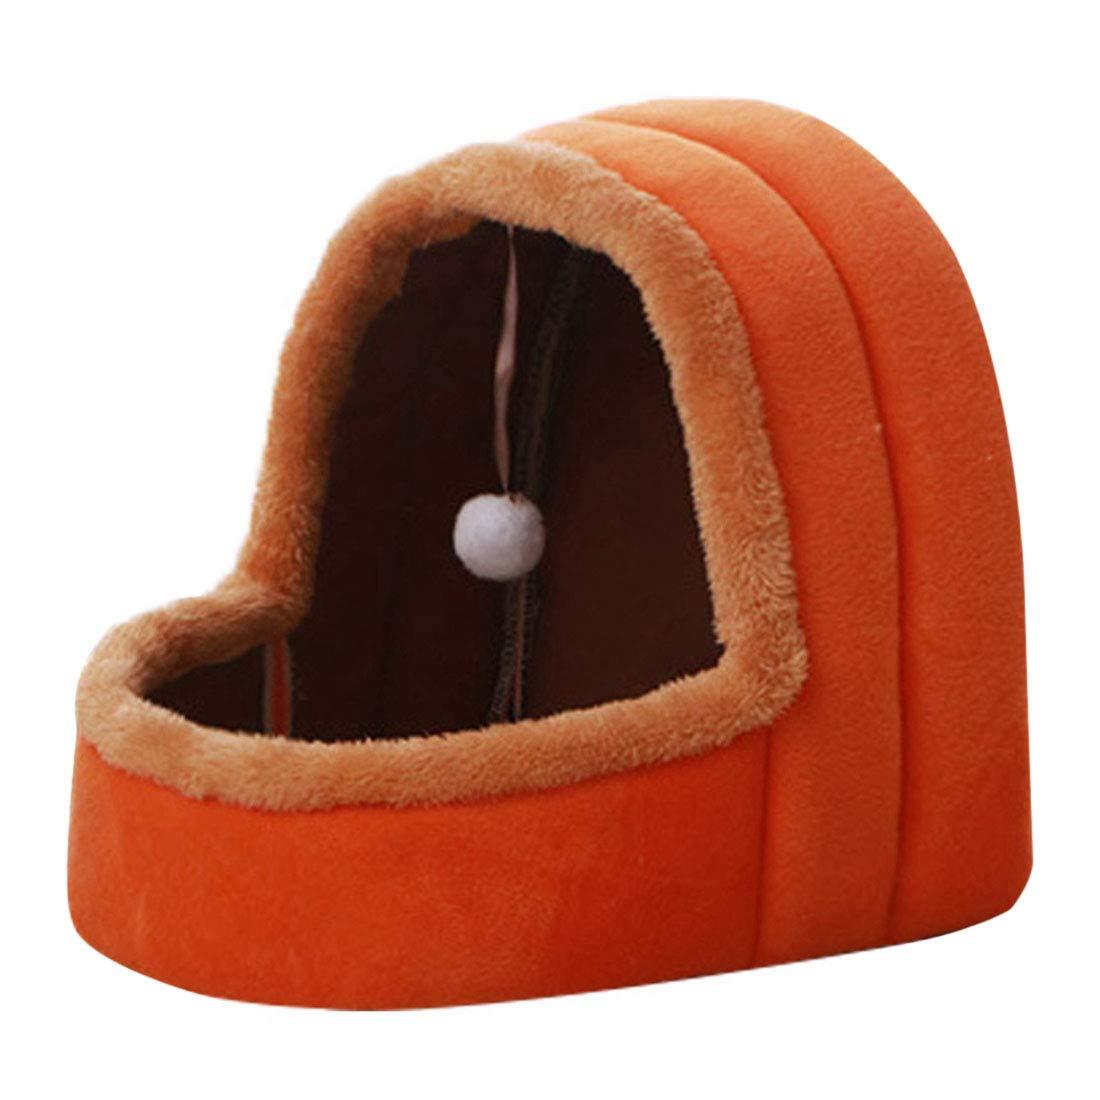 FREAHAP R Niche Panier Chat Chien Confortable Maison pour Animal de Compagnie Amovible Orange S